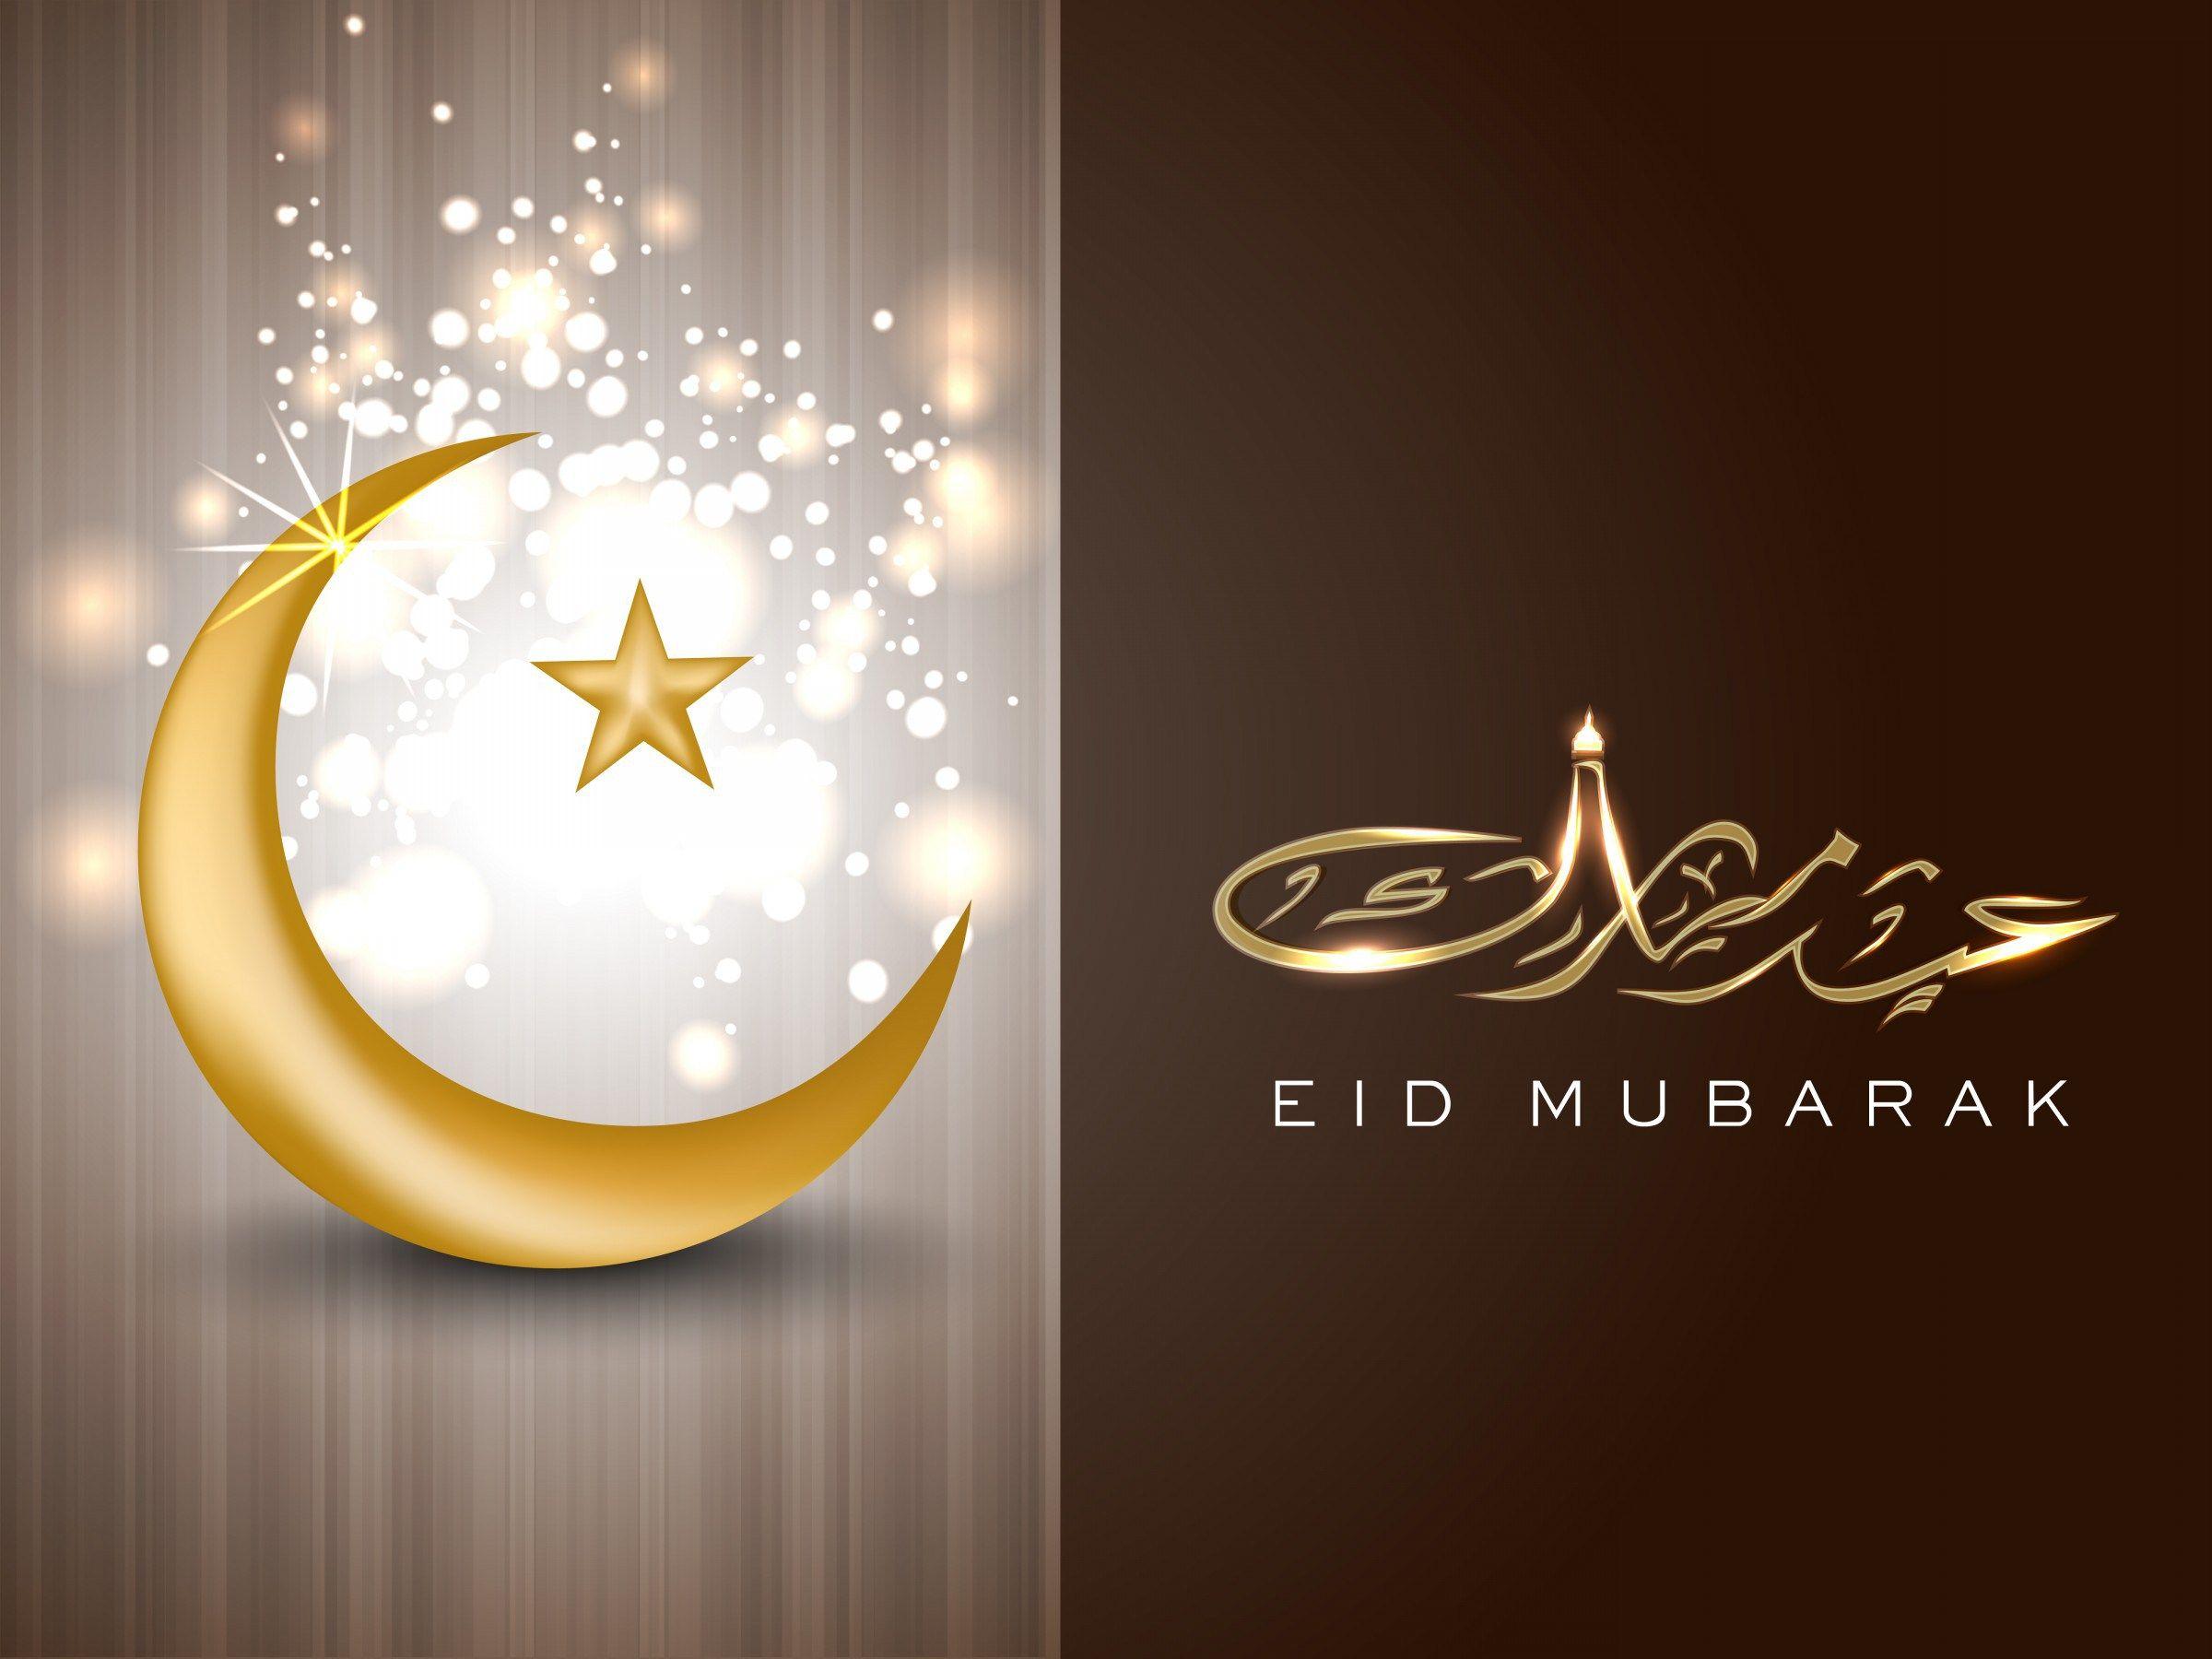 Eid Al Adha Translation In English